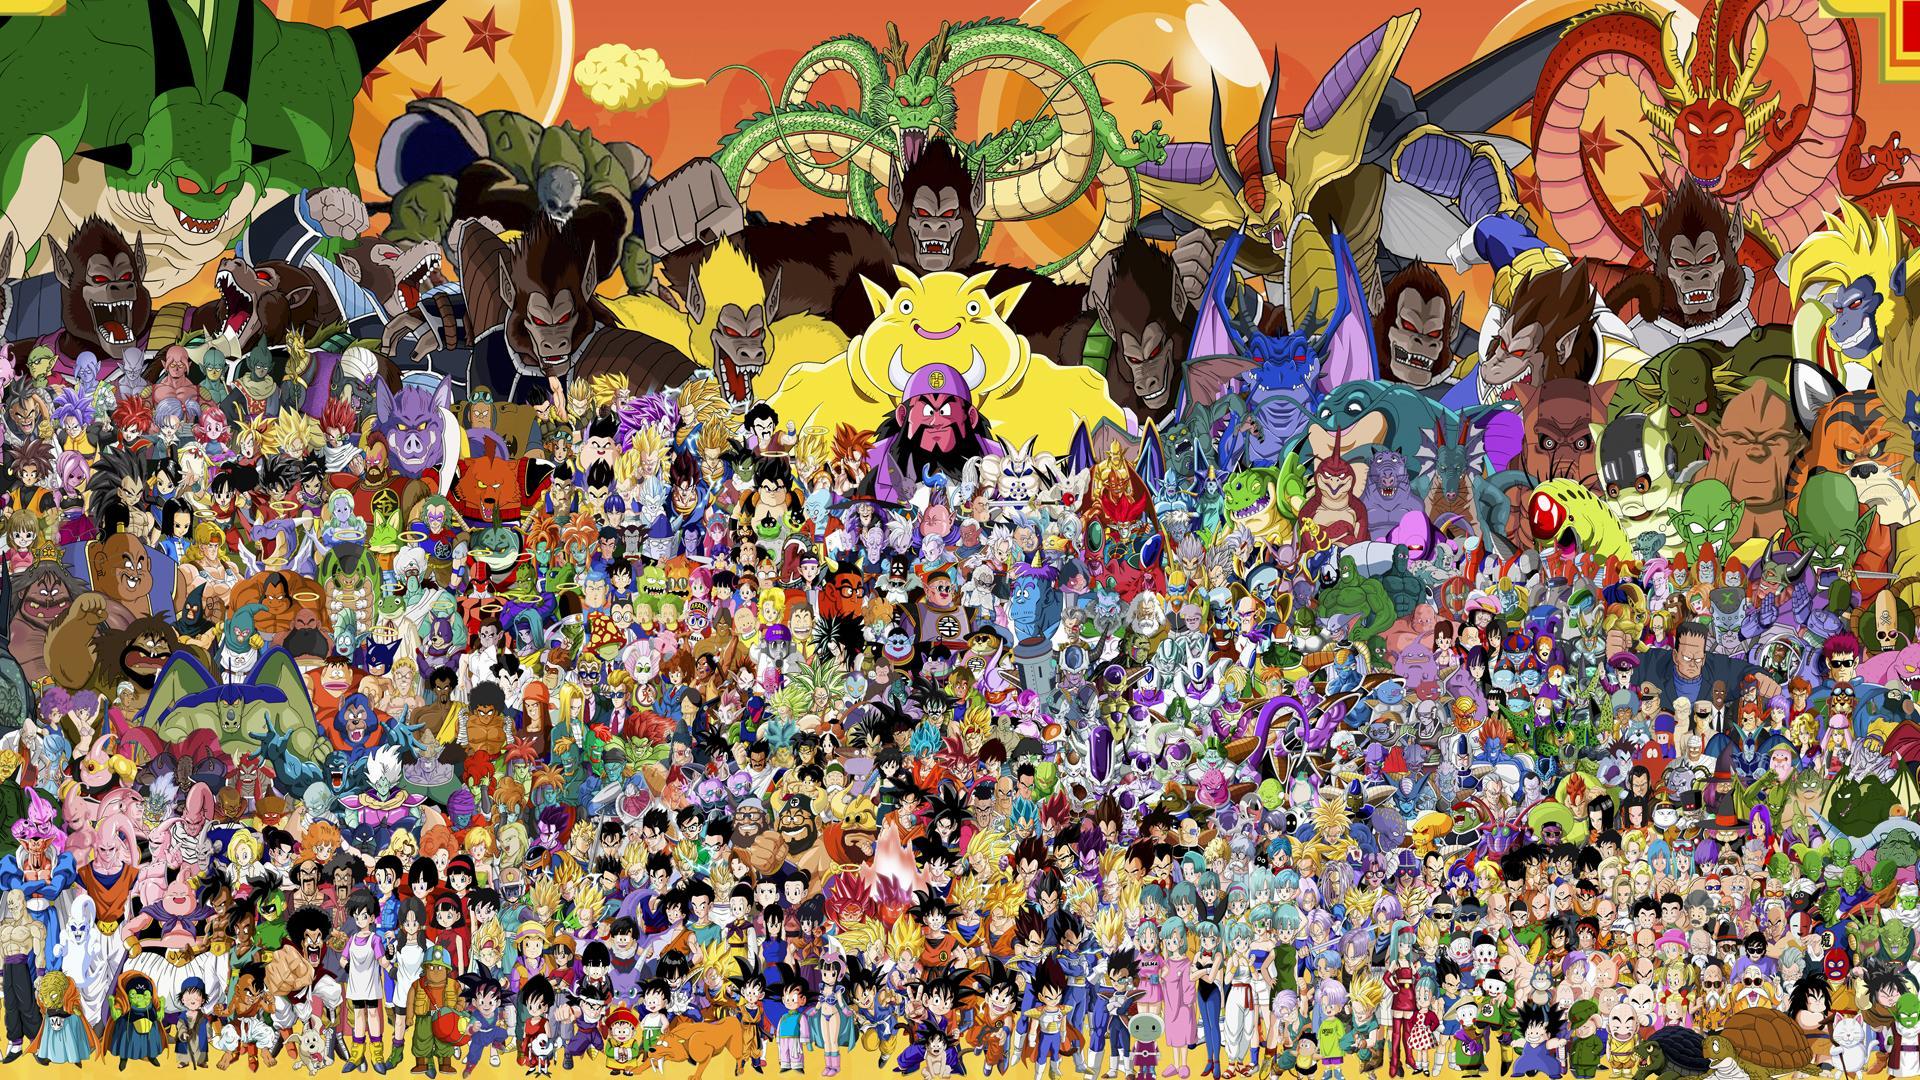 Dragon Ball Z Wallpapers Hd Wallpapermonkey Wallpapper Dragon Ball